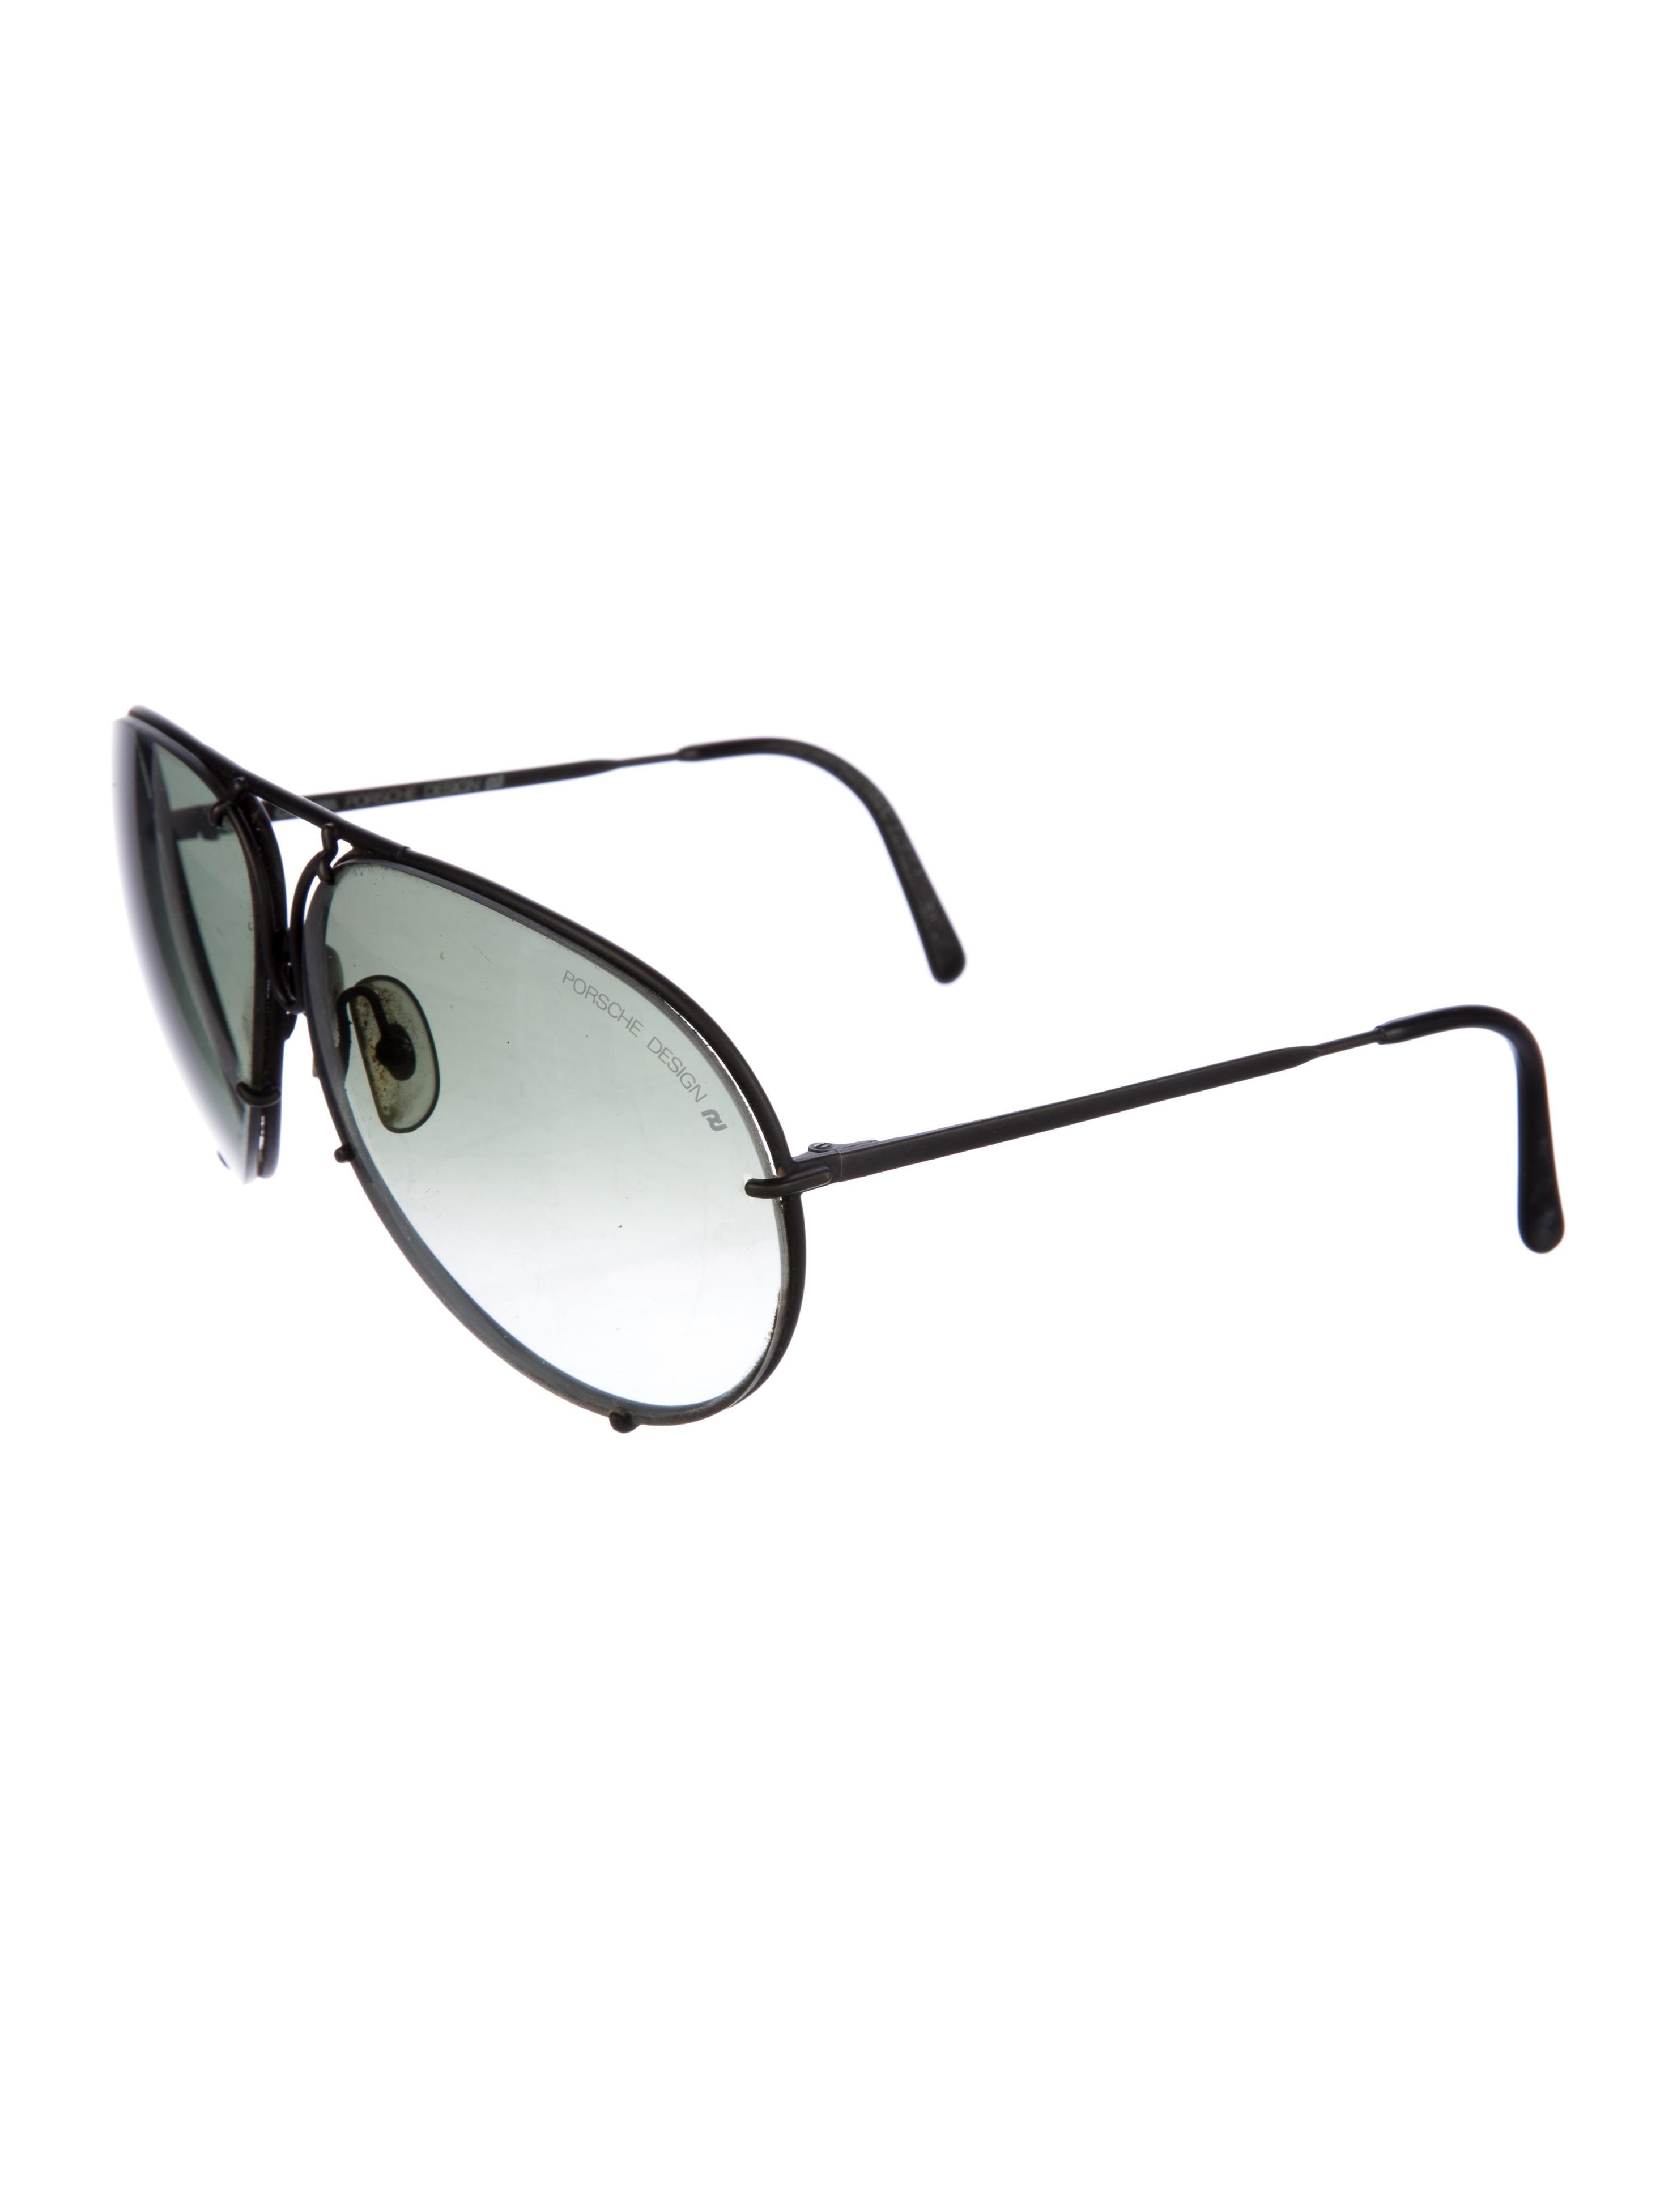 9e7d57df74 Porsche Design By Carrera Sunglasses.Vintage Carrera And Carrera ...